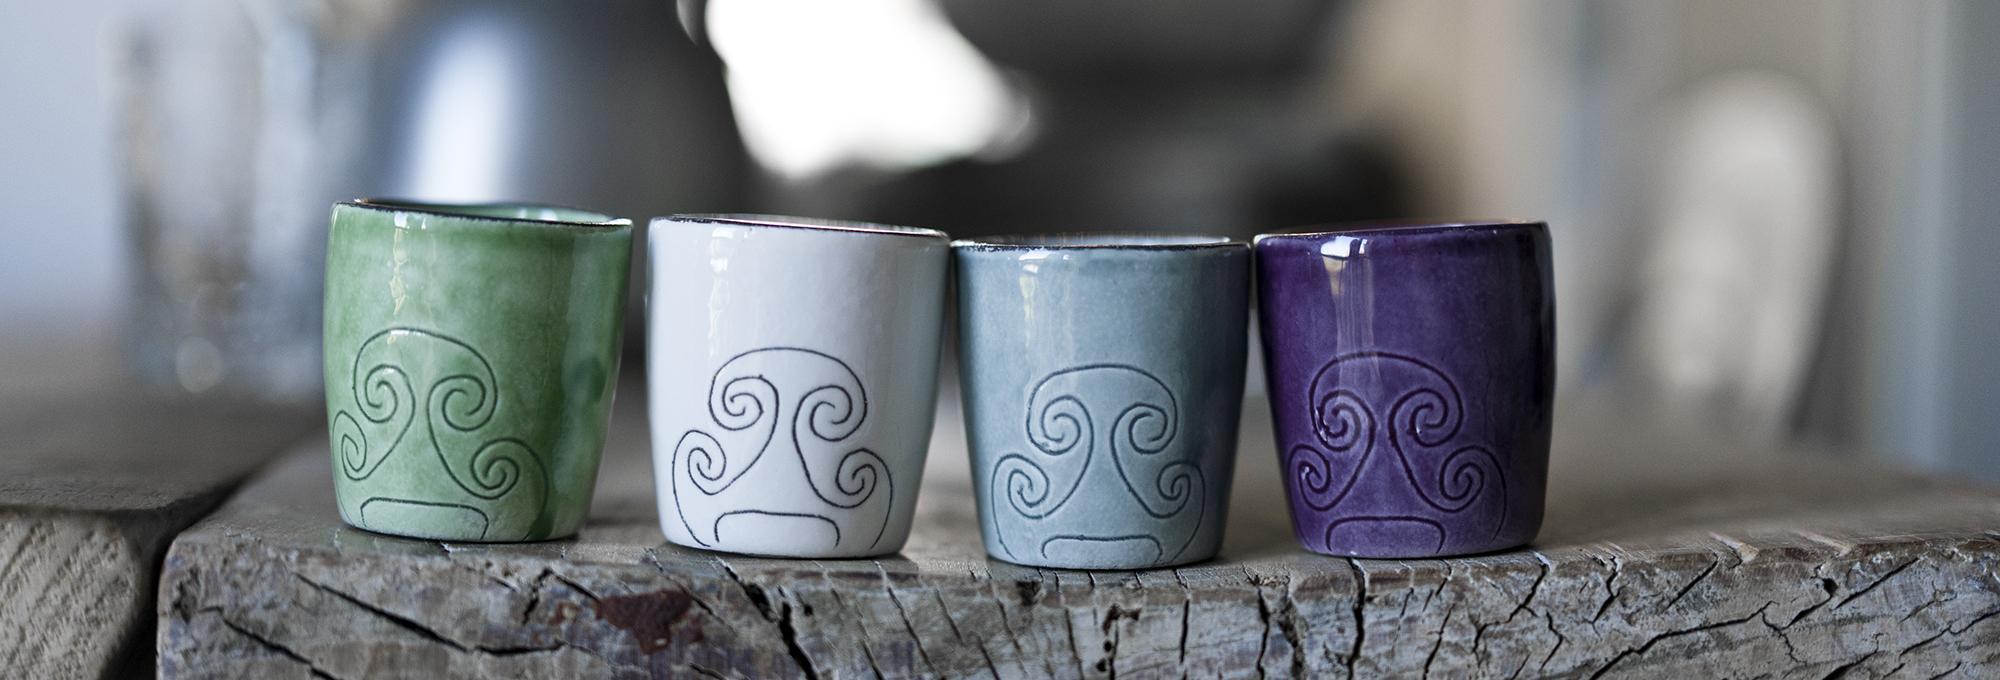 Cerasarda Ceramiche Listino Prezzi.Cerasarda La Ceramica Della Costa Smeralda